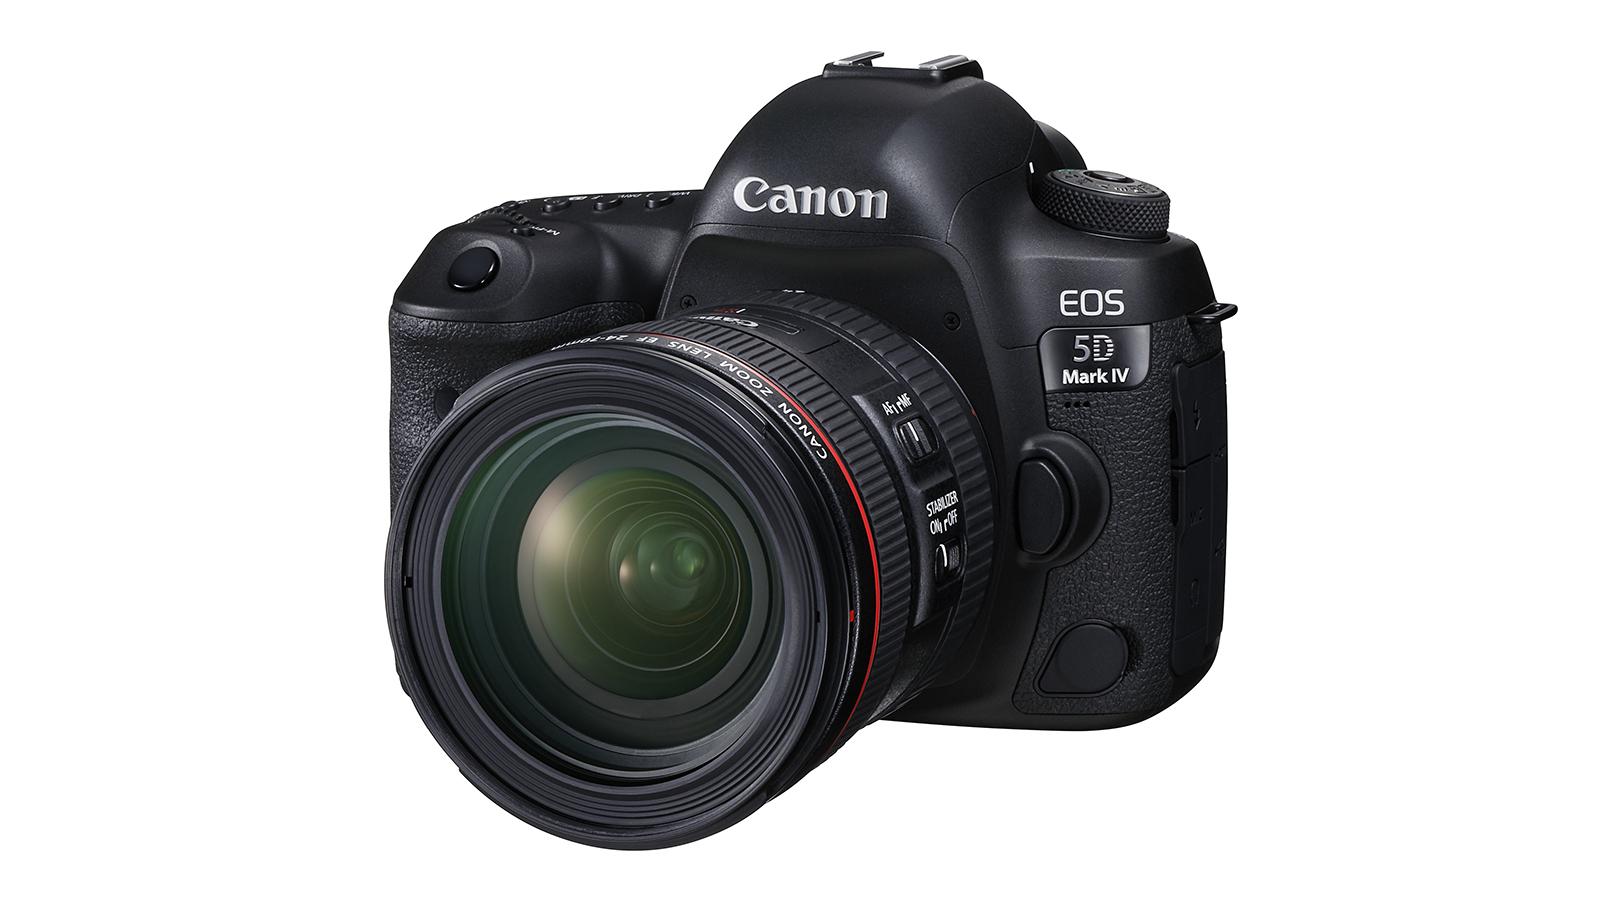 Kuumad kõlakad: Canon EOS 5D Mark IV tarkvarauuendus toob palju väiksema lõikefaktori